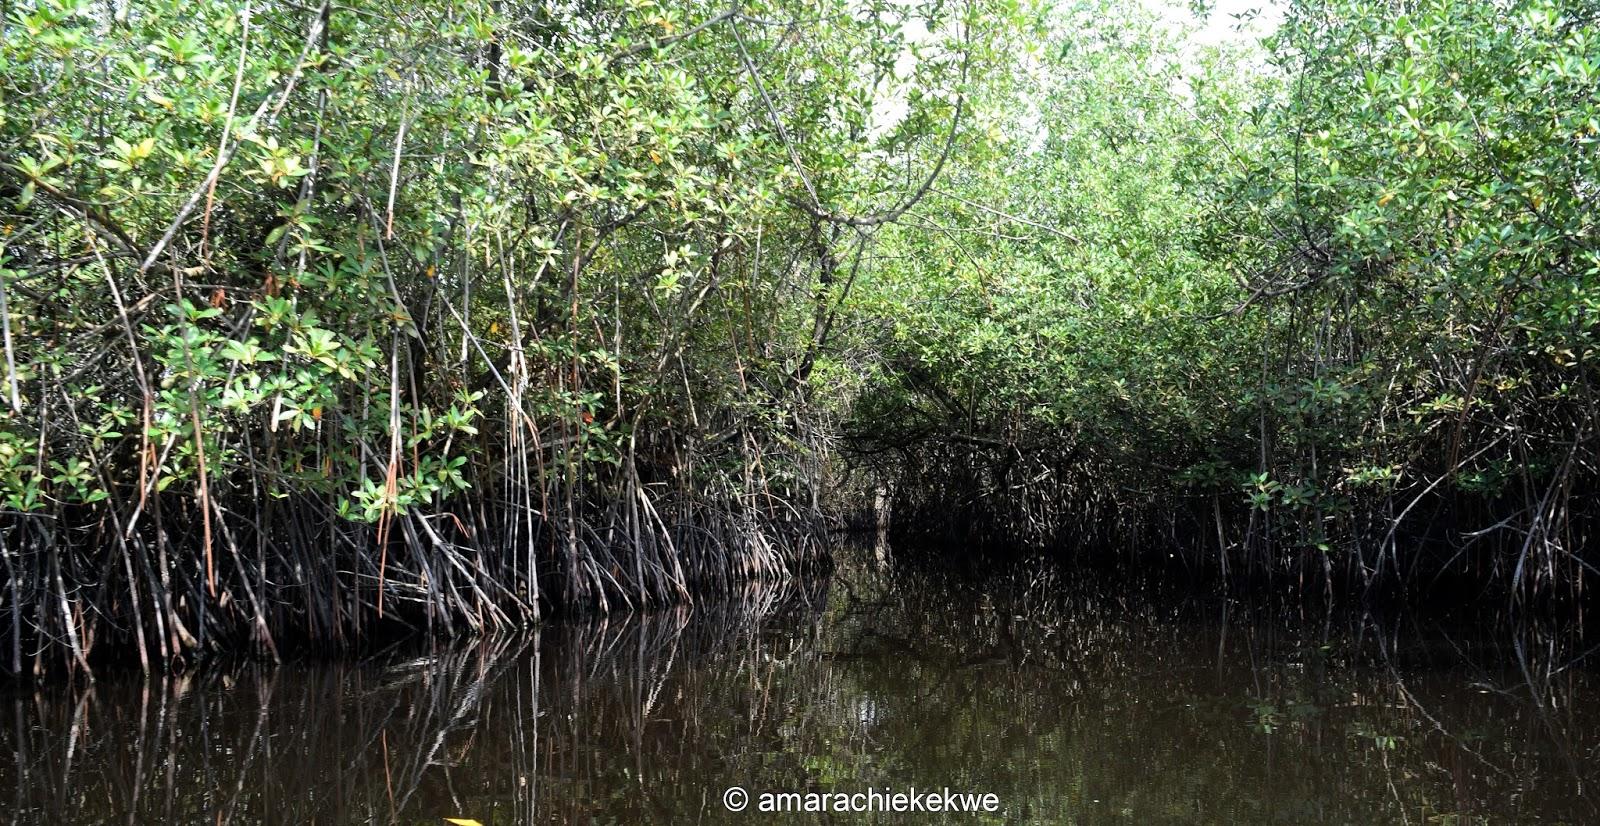 https://i1.wp.com/2.bp.blogspot.com/-Tw8SI6lkz8c/WDQkDr85p9I/AAAAAAAAWqg/q5o7AvkKxXgWU79i1KU5E3lpERHEUa2rQCLcB/s1600/mangrove.jpg?resize=770%2C398&ssl=1